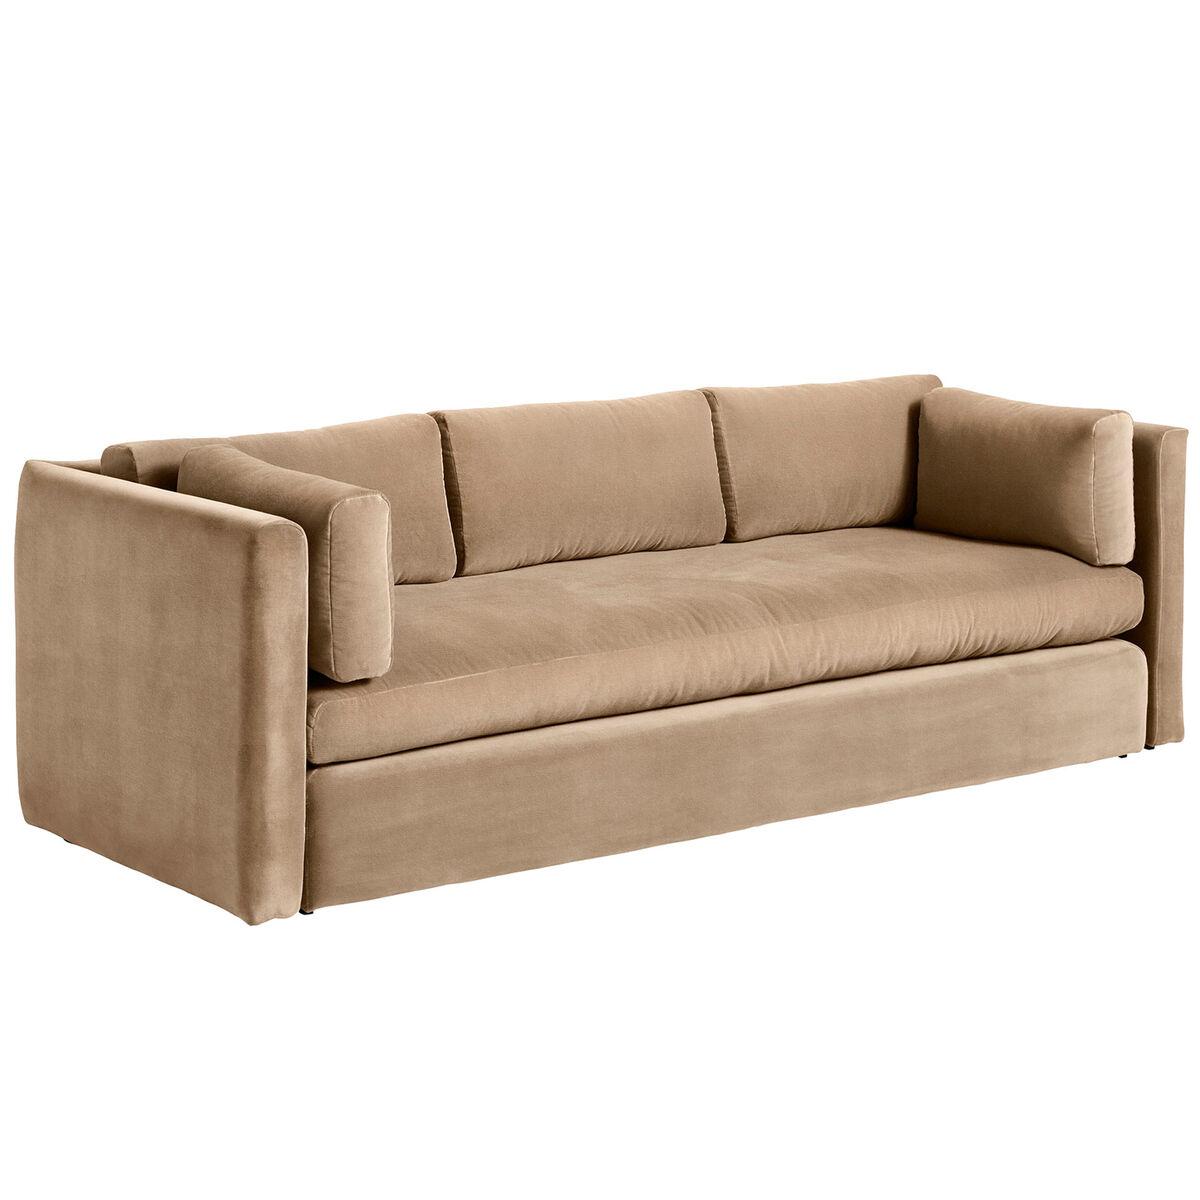 Hay Hackney sohva, 3-istuttava, Lola beige